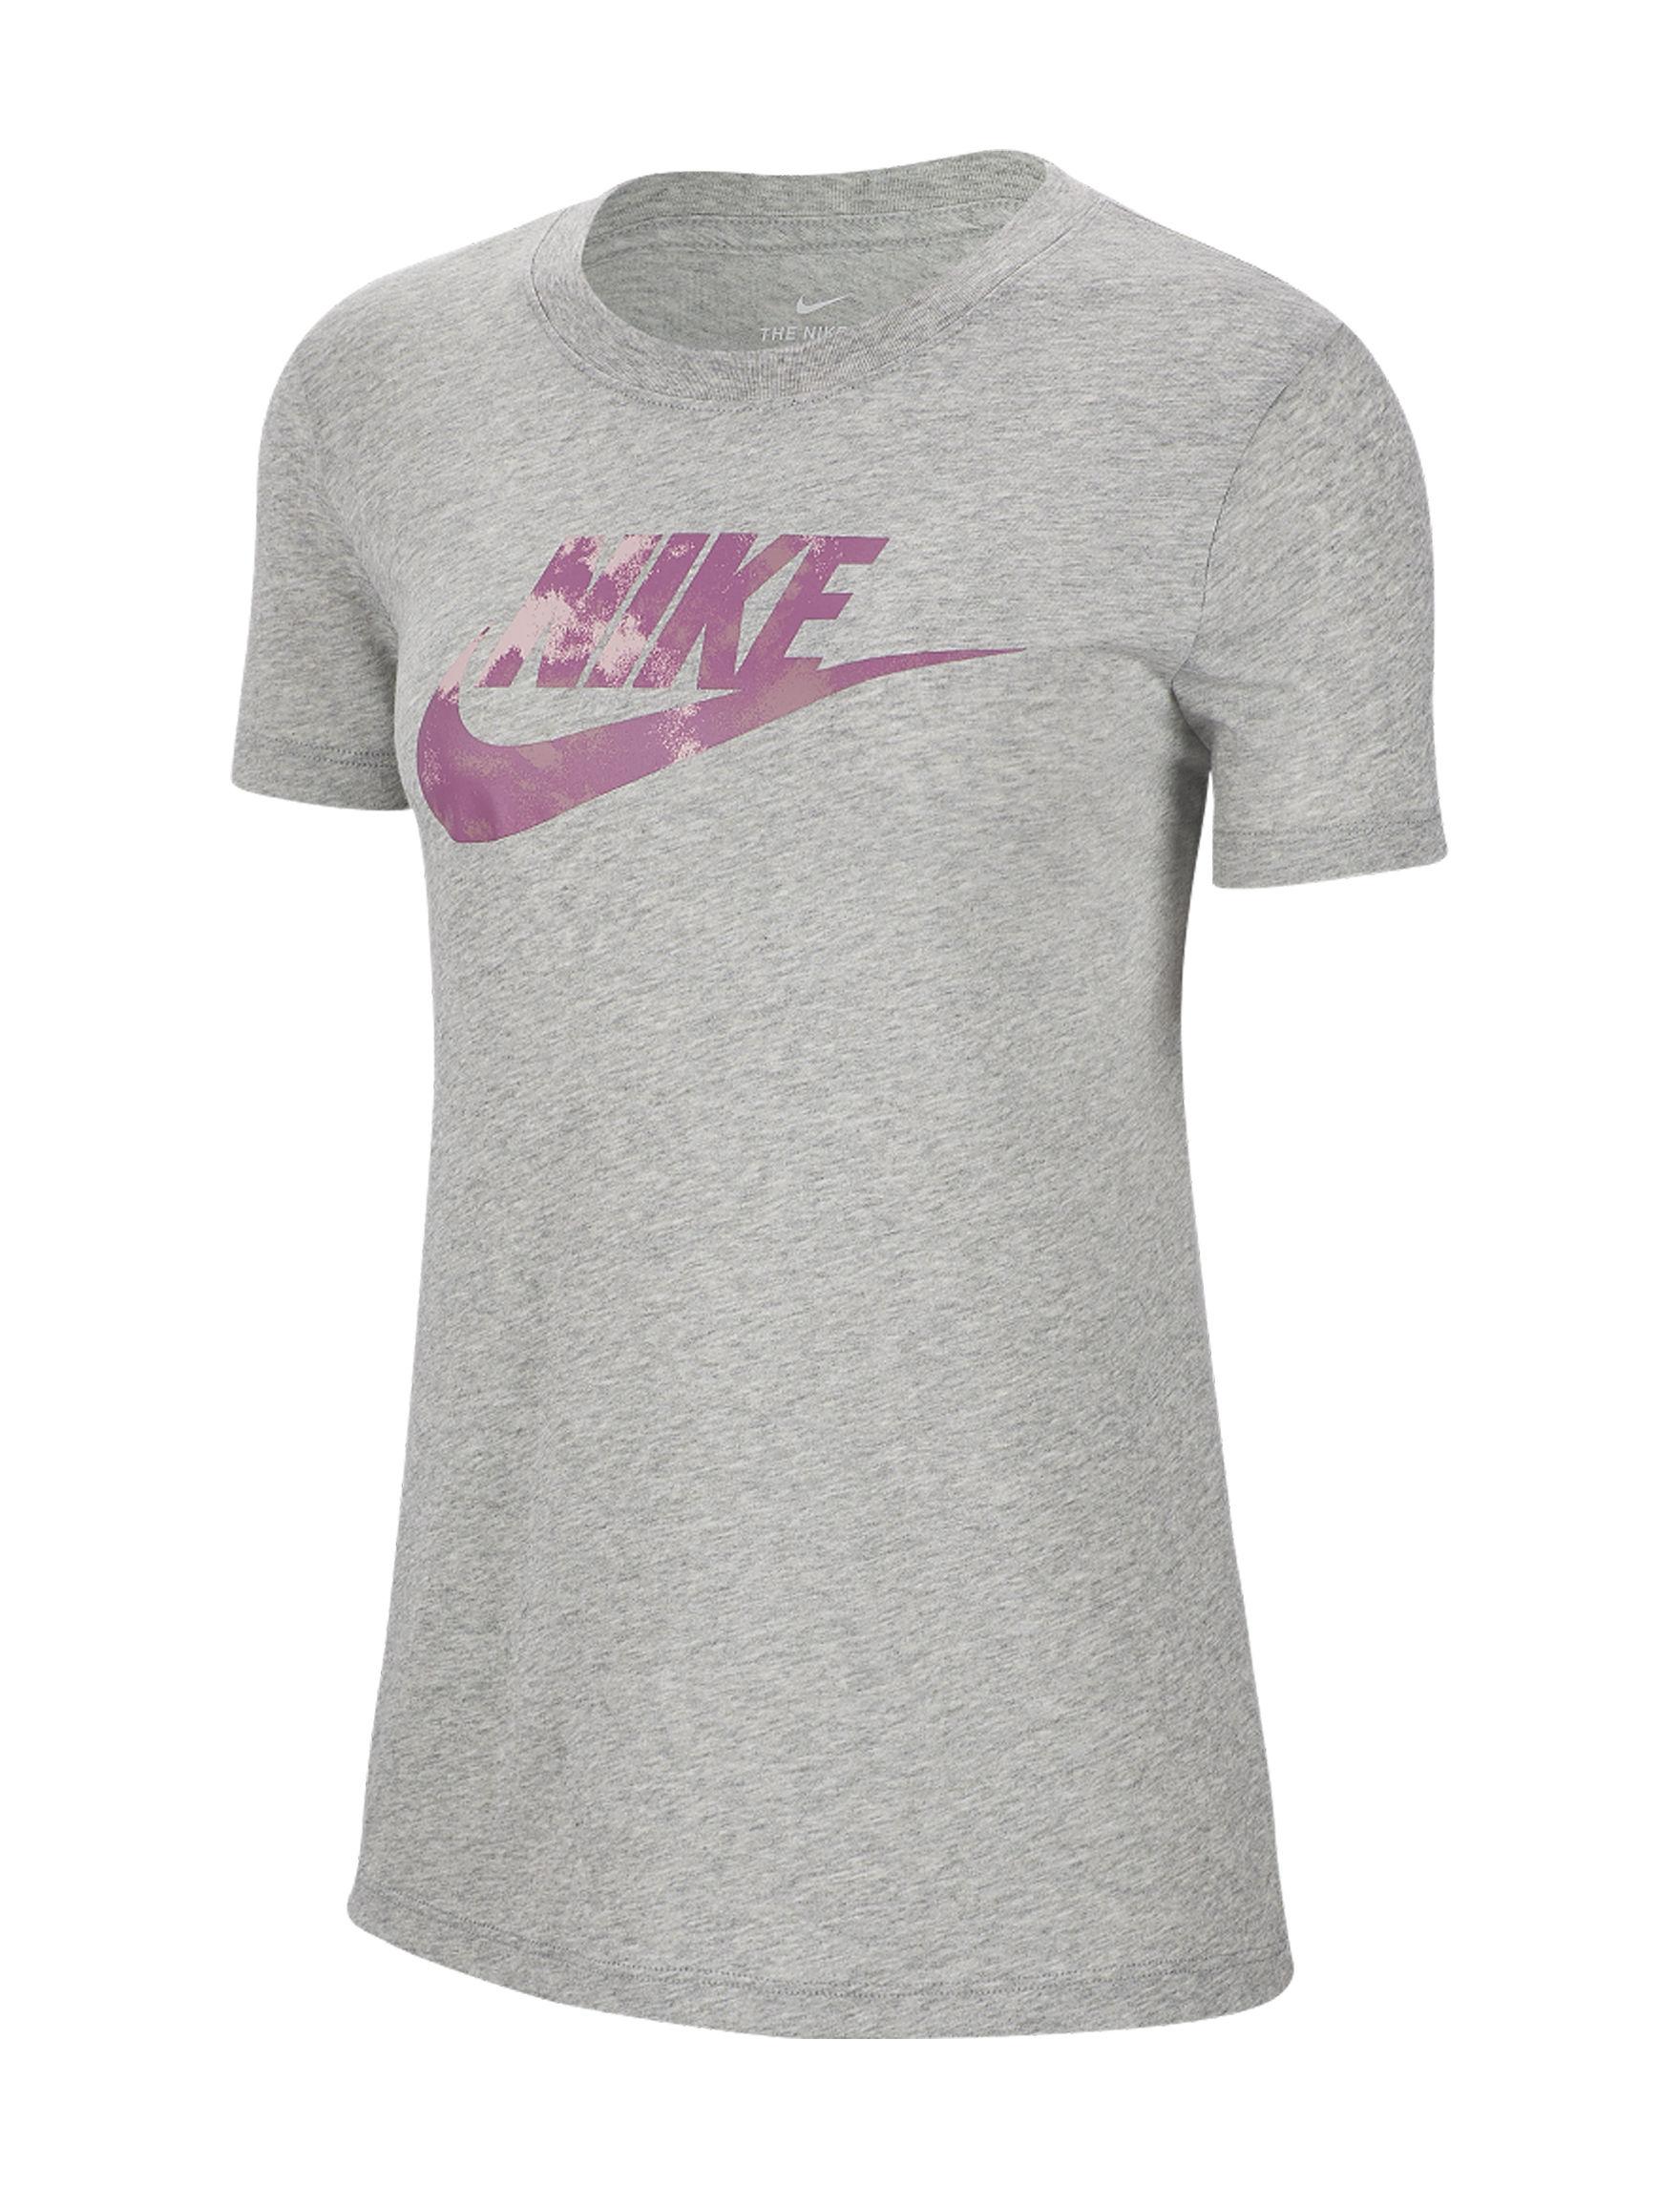 Nike Grey / Pink Tees & Tanks